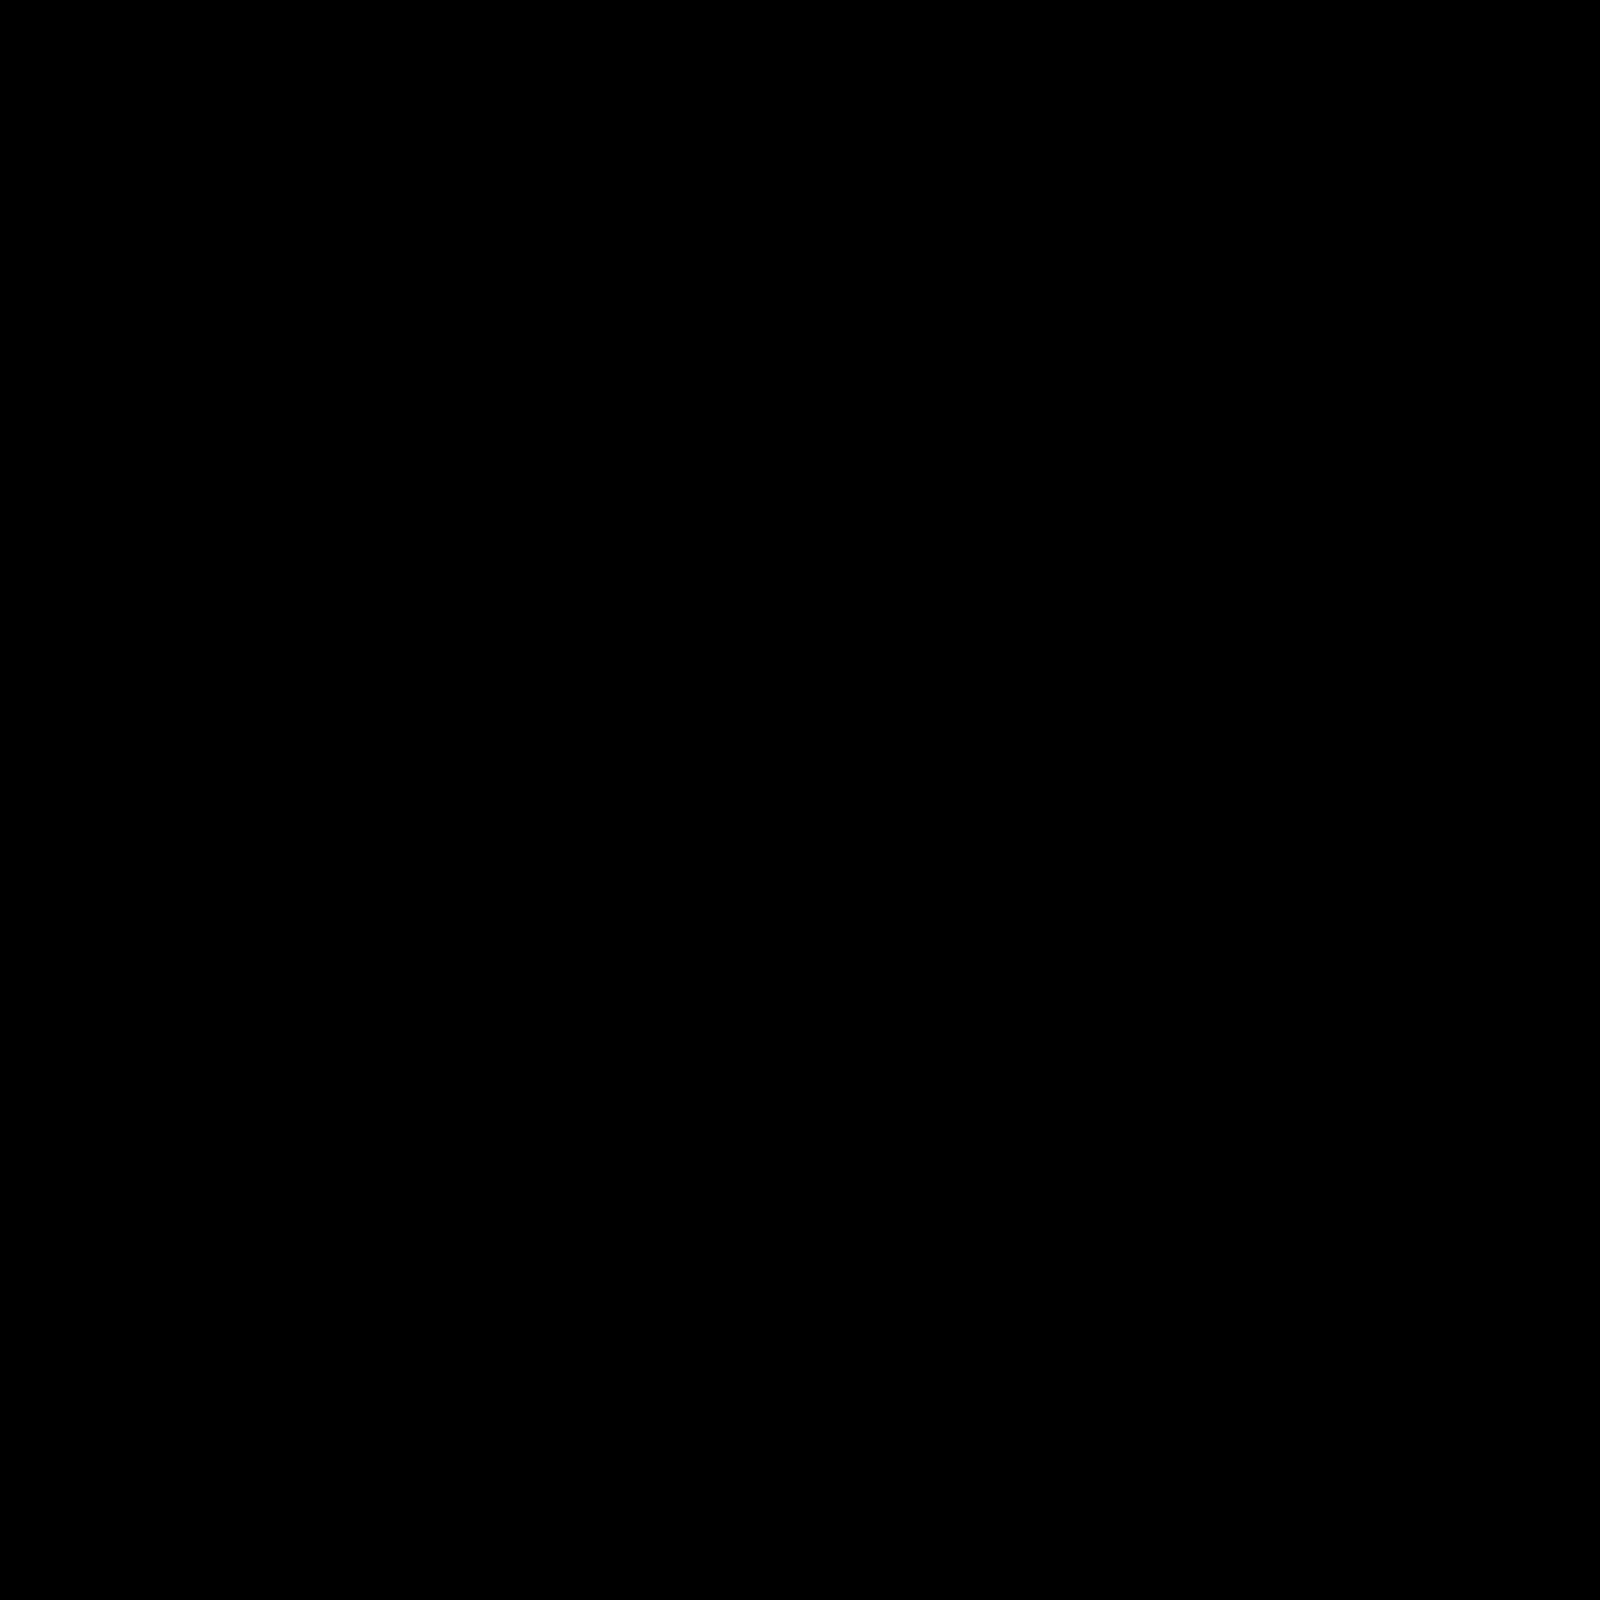 Accessibilité 2 icon